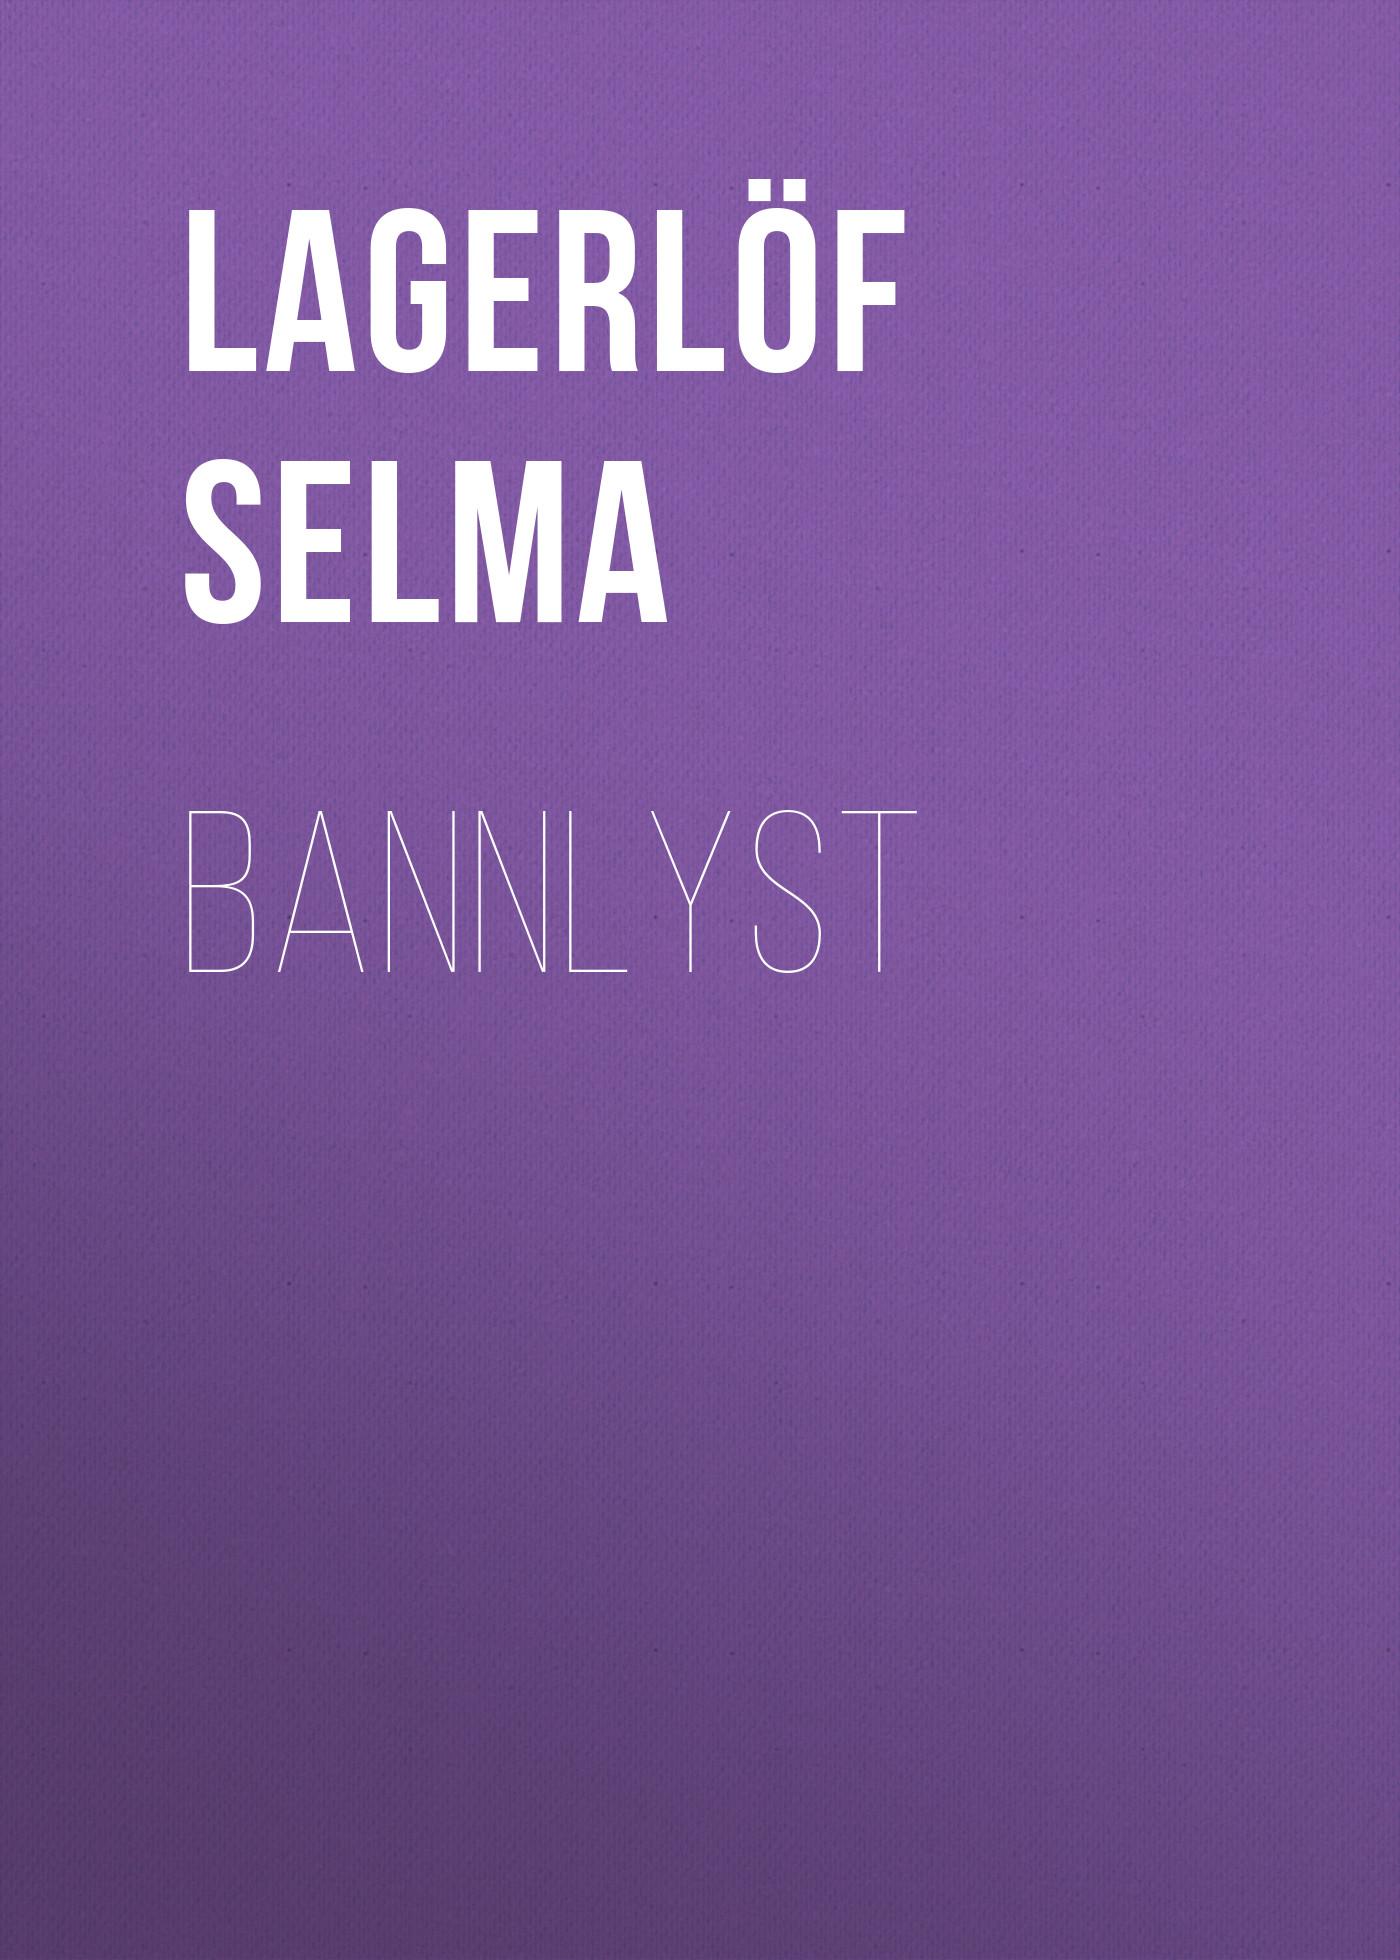 все цены на Lagerlöf Selma Bannlyst онлайн